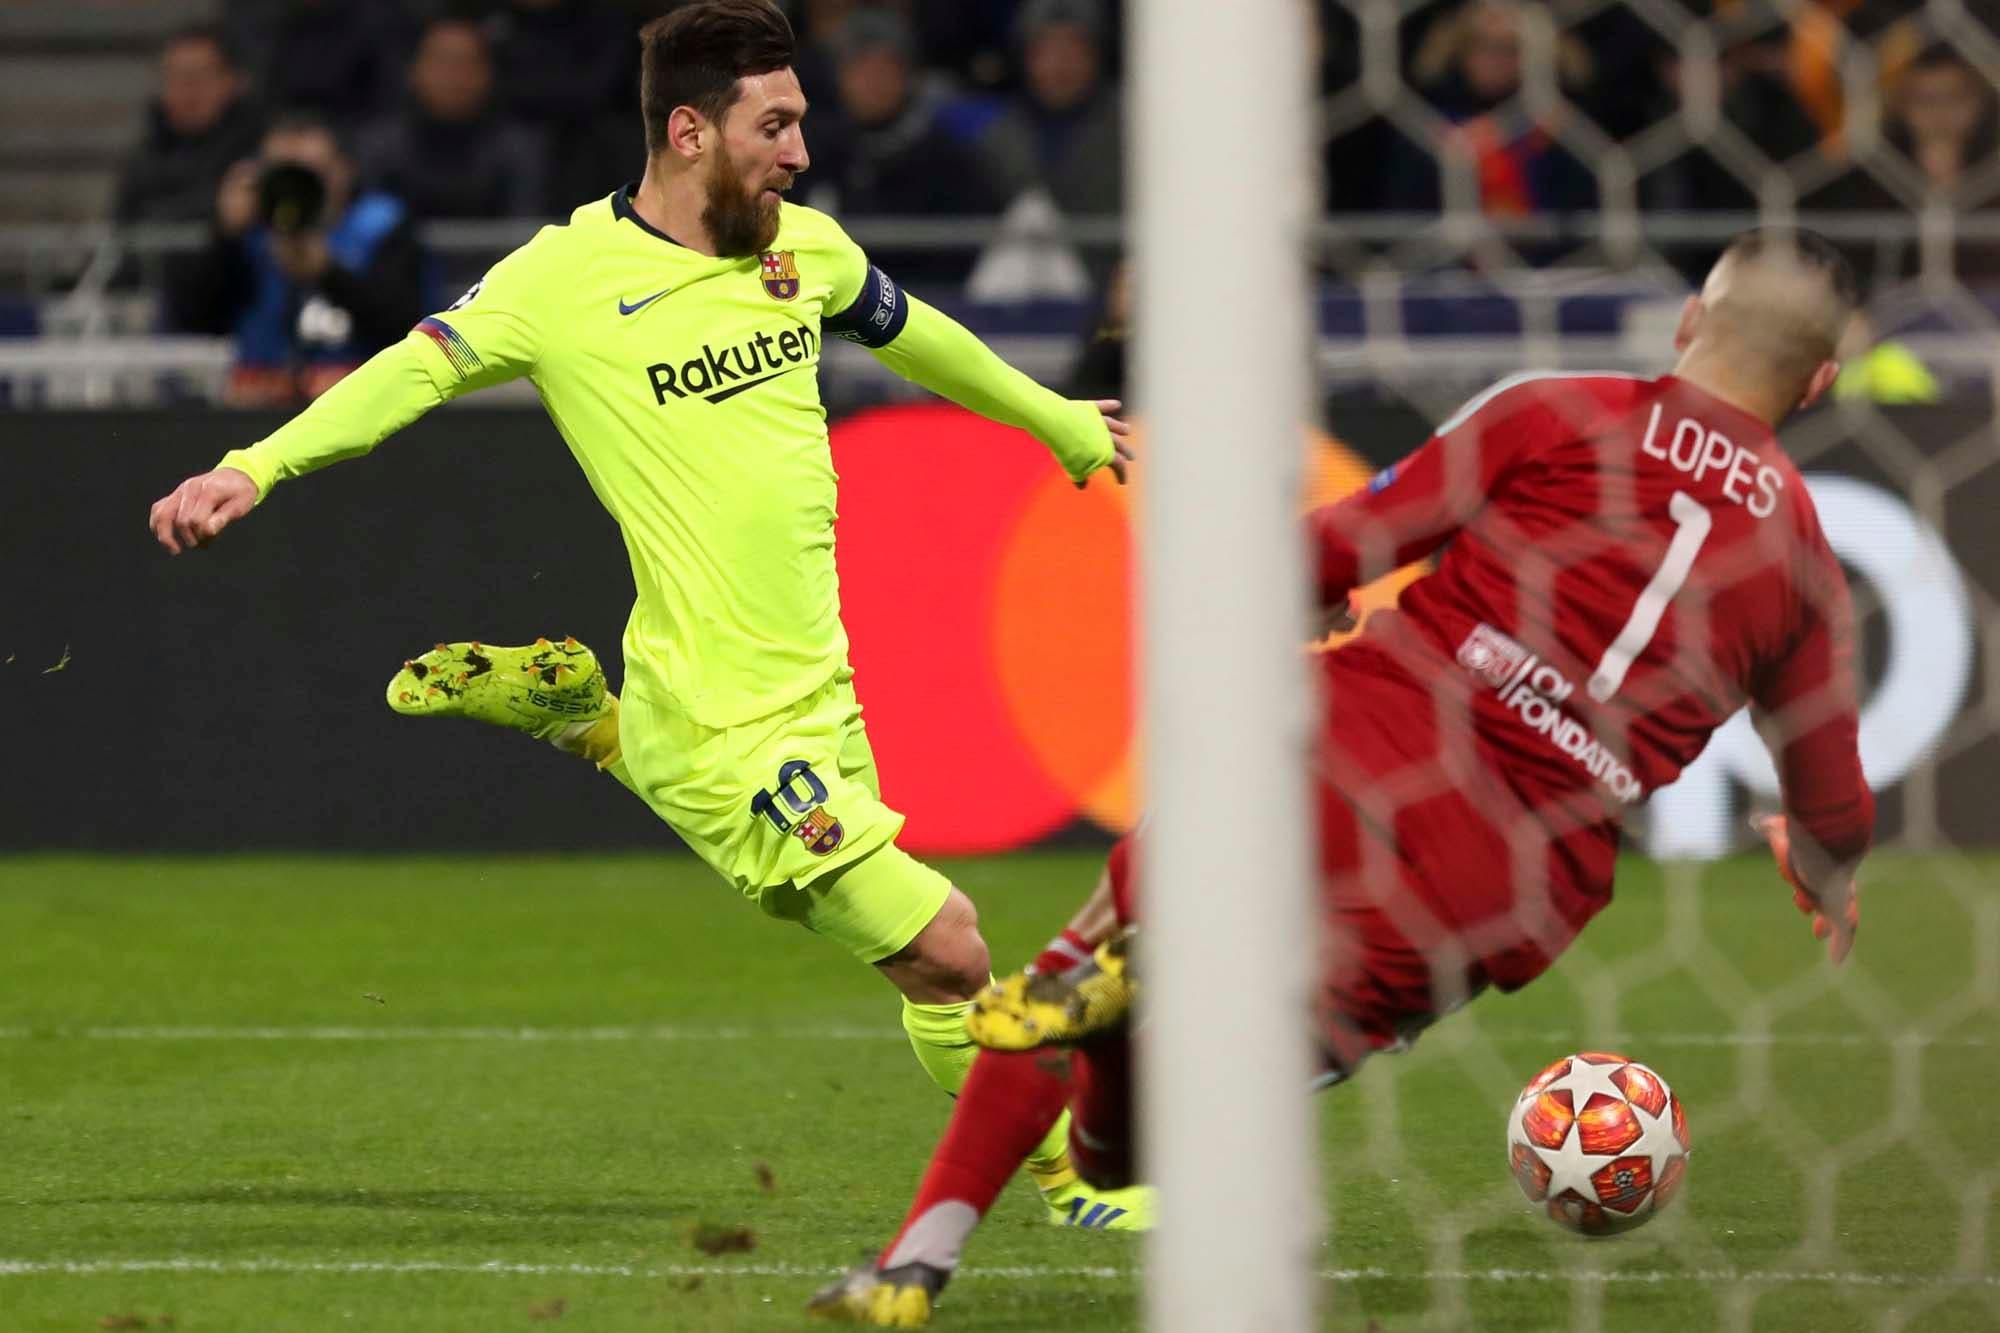 Lo mejor de Lyon-Barcelona por la Champions League y el show de los hinchas de Liverpool y Bayern Munich